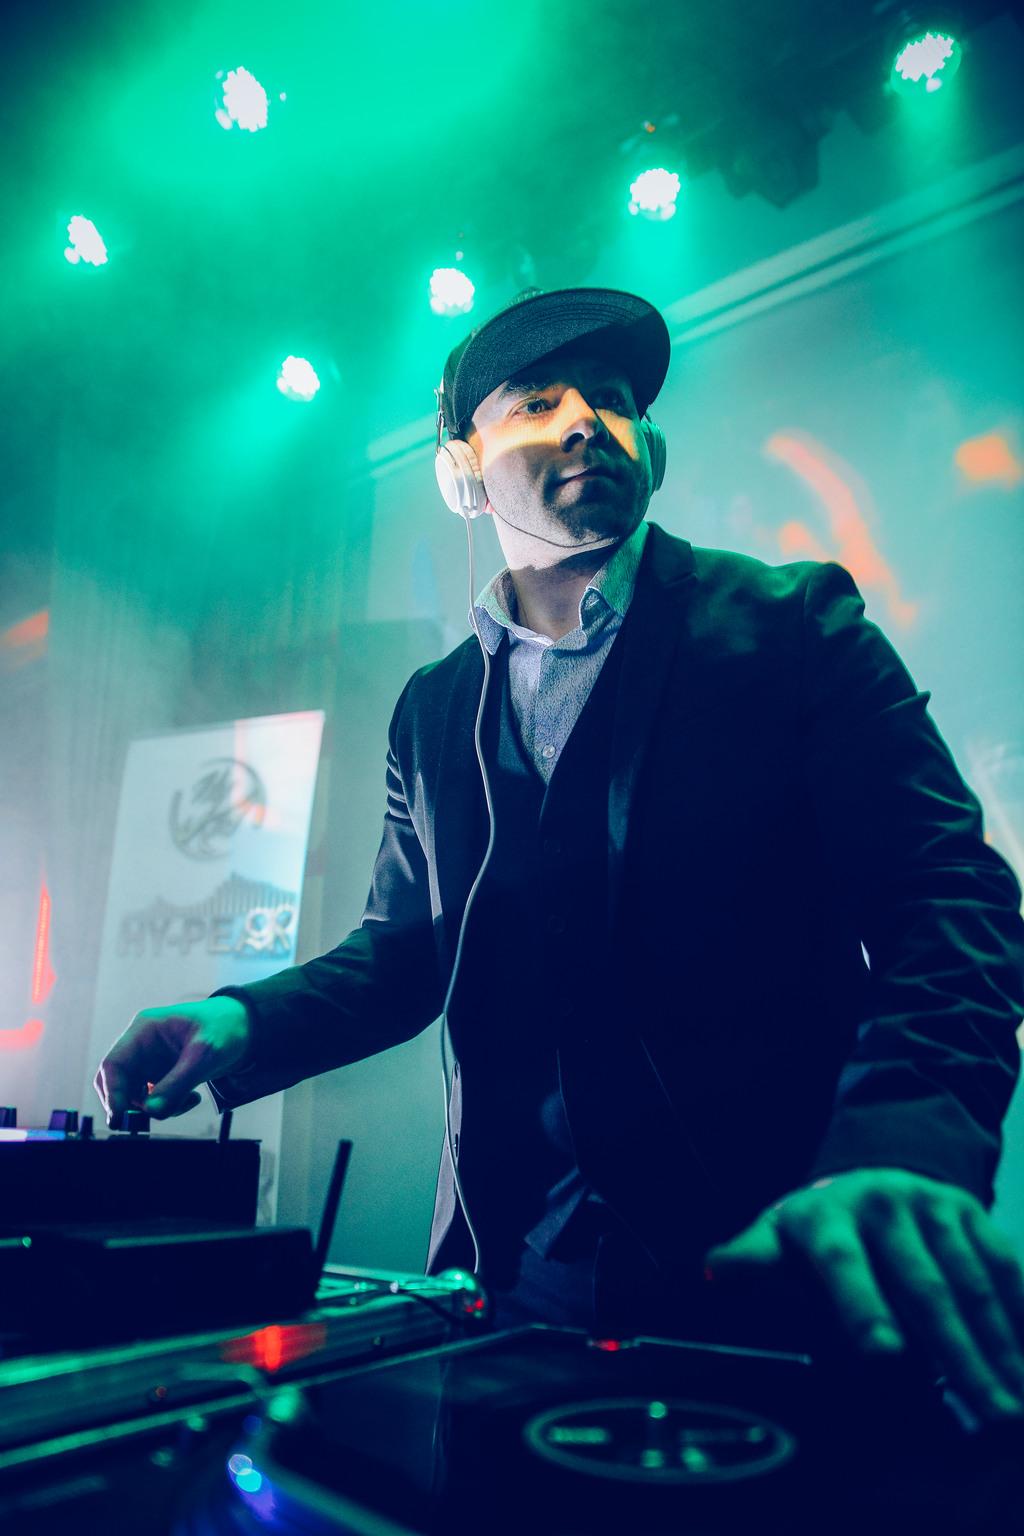 """""""Olemme järjestäneet useammat juhlat yrityksemme kanssa missä DJ Hykid on ollut soittamassa musaa ja hoitamassa seremonianmestarin roolia. Järjestelyt ovat tapahtuneet hänen kanssa vaivattoman helposti. Juhlamme ovat aina olleet menestys ja DJ Hykid on luonut niihin unohtumattomat tunnelman klassikkobiisejä ja nykymusiikin helmiä soittaen. Dj Hykid löytyy levarien takaa myös meidän seuraavista juhlista!""""  — Mika Salo - Art Director - Mainostoimisto M1"""